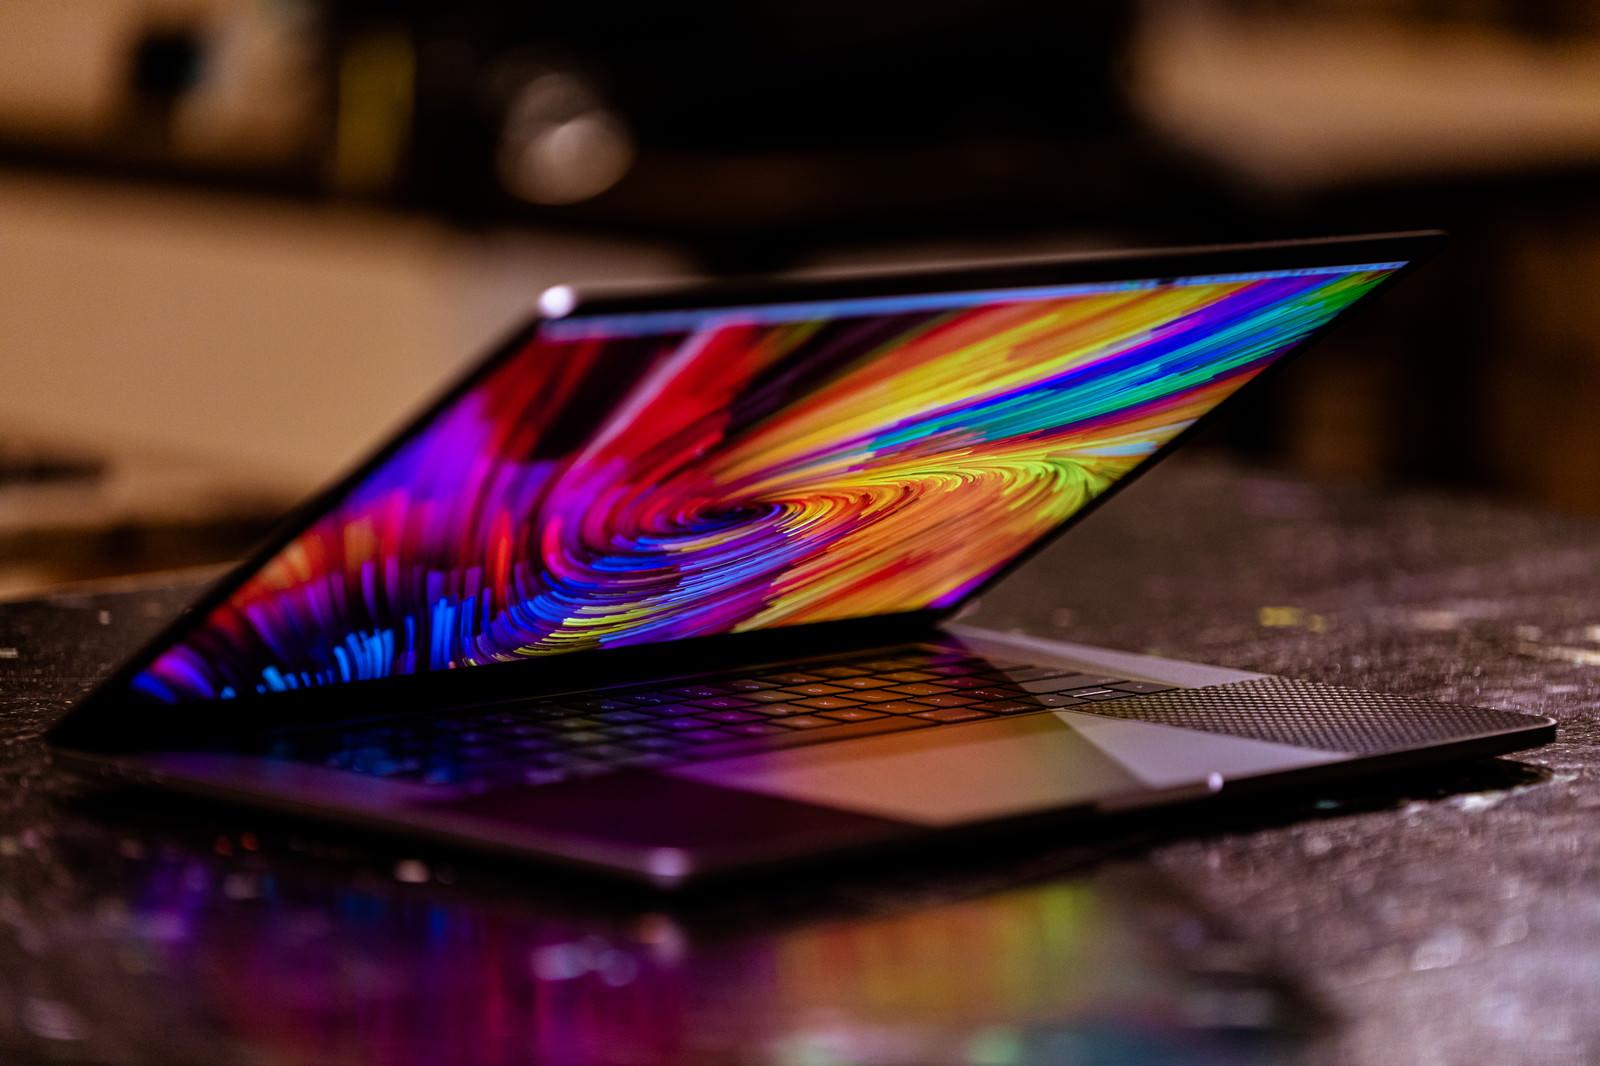 「開閉するMacBook」の写真